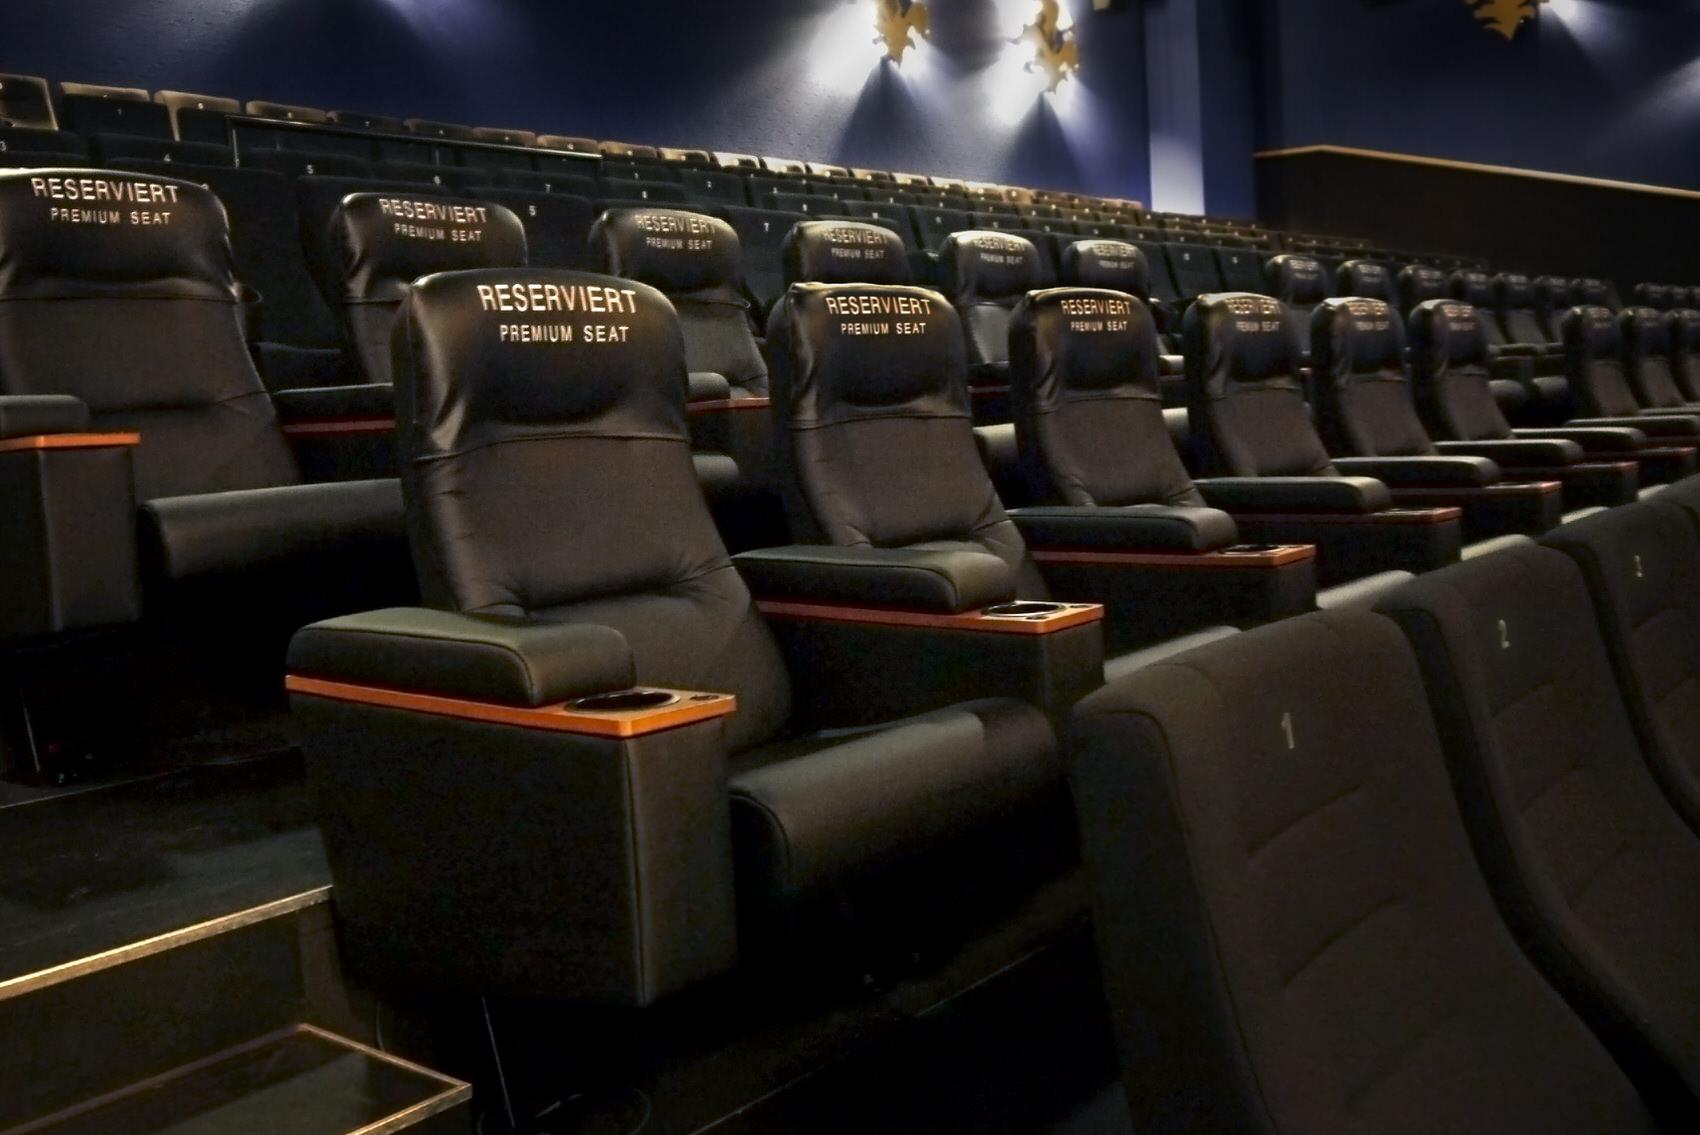 news und veranstaltung extra komfort mit premium seats. Black Bedroom Furniture Sets. Home Design Ideas